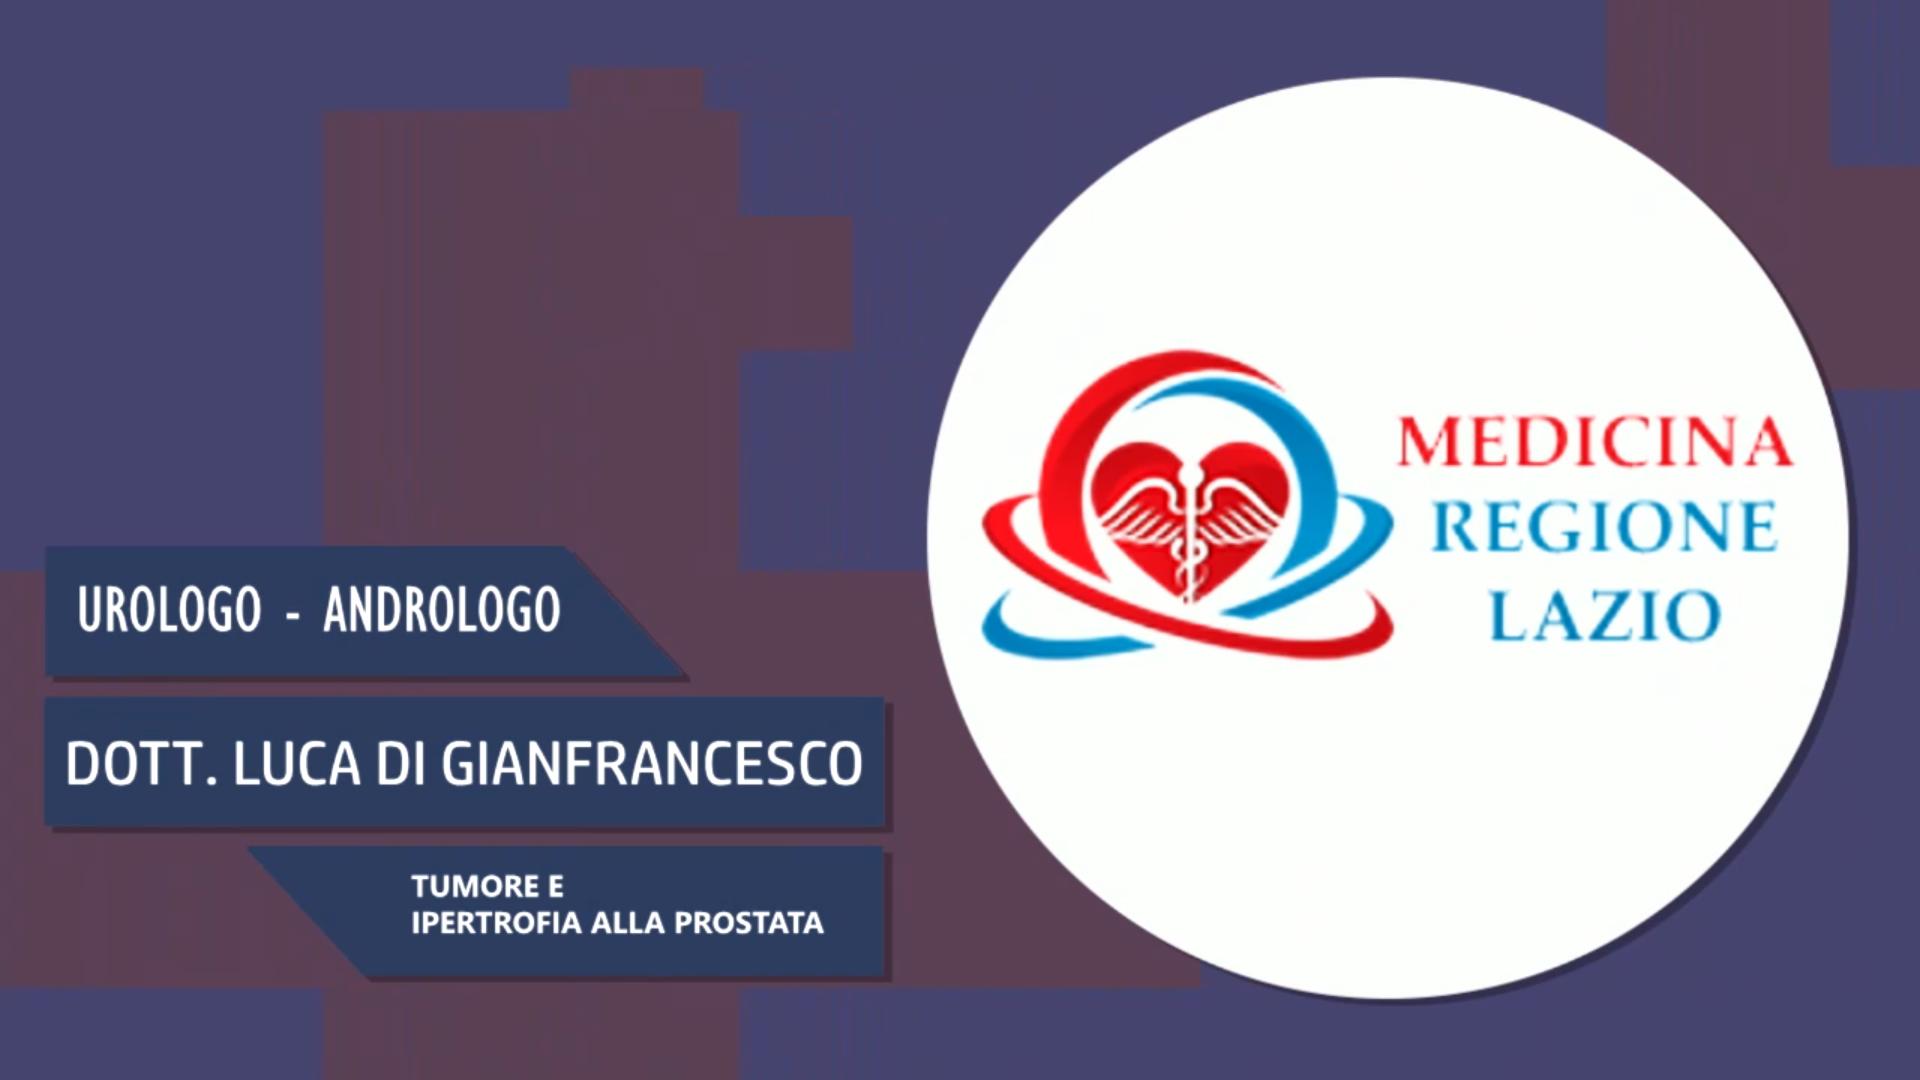 Intervista al Dott. Luca Di Gianfrancesco – Tumore e ipertrofia alla prostata